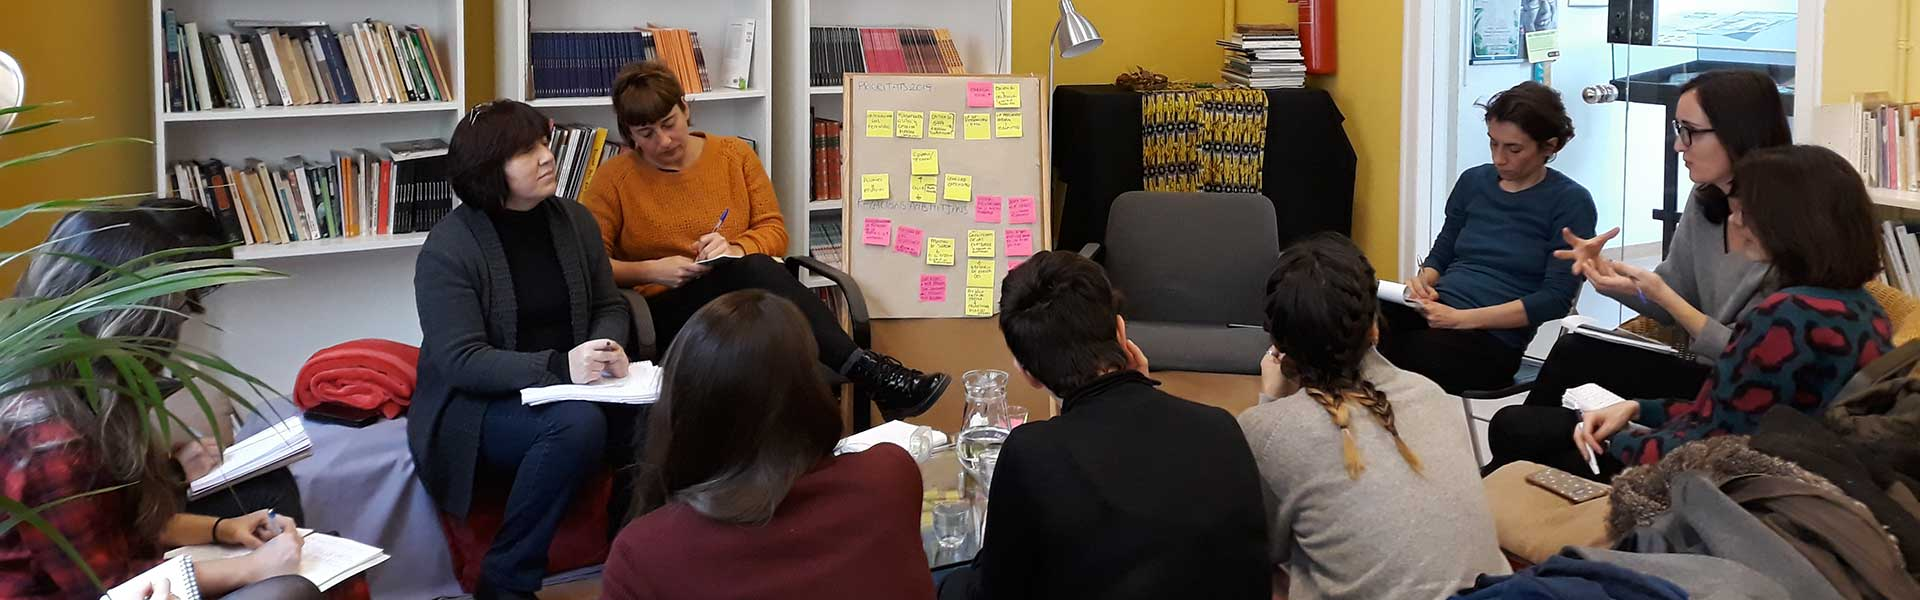 OE3 La comunicació com a estratègia per aconseguir l'equitat de gènere